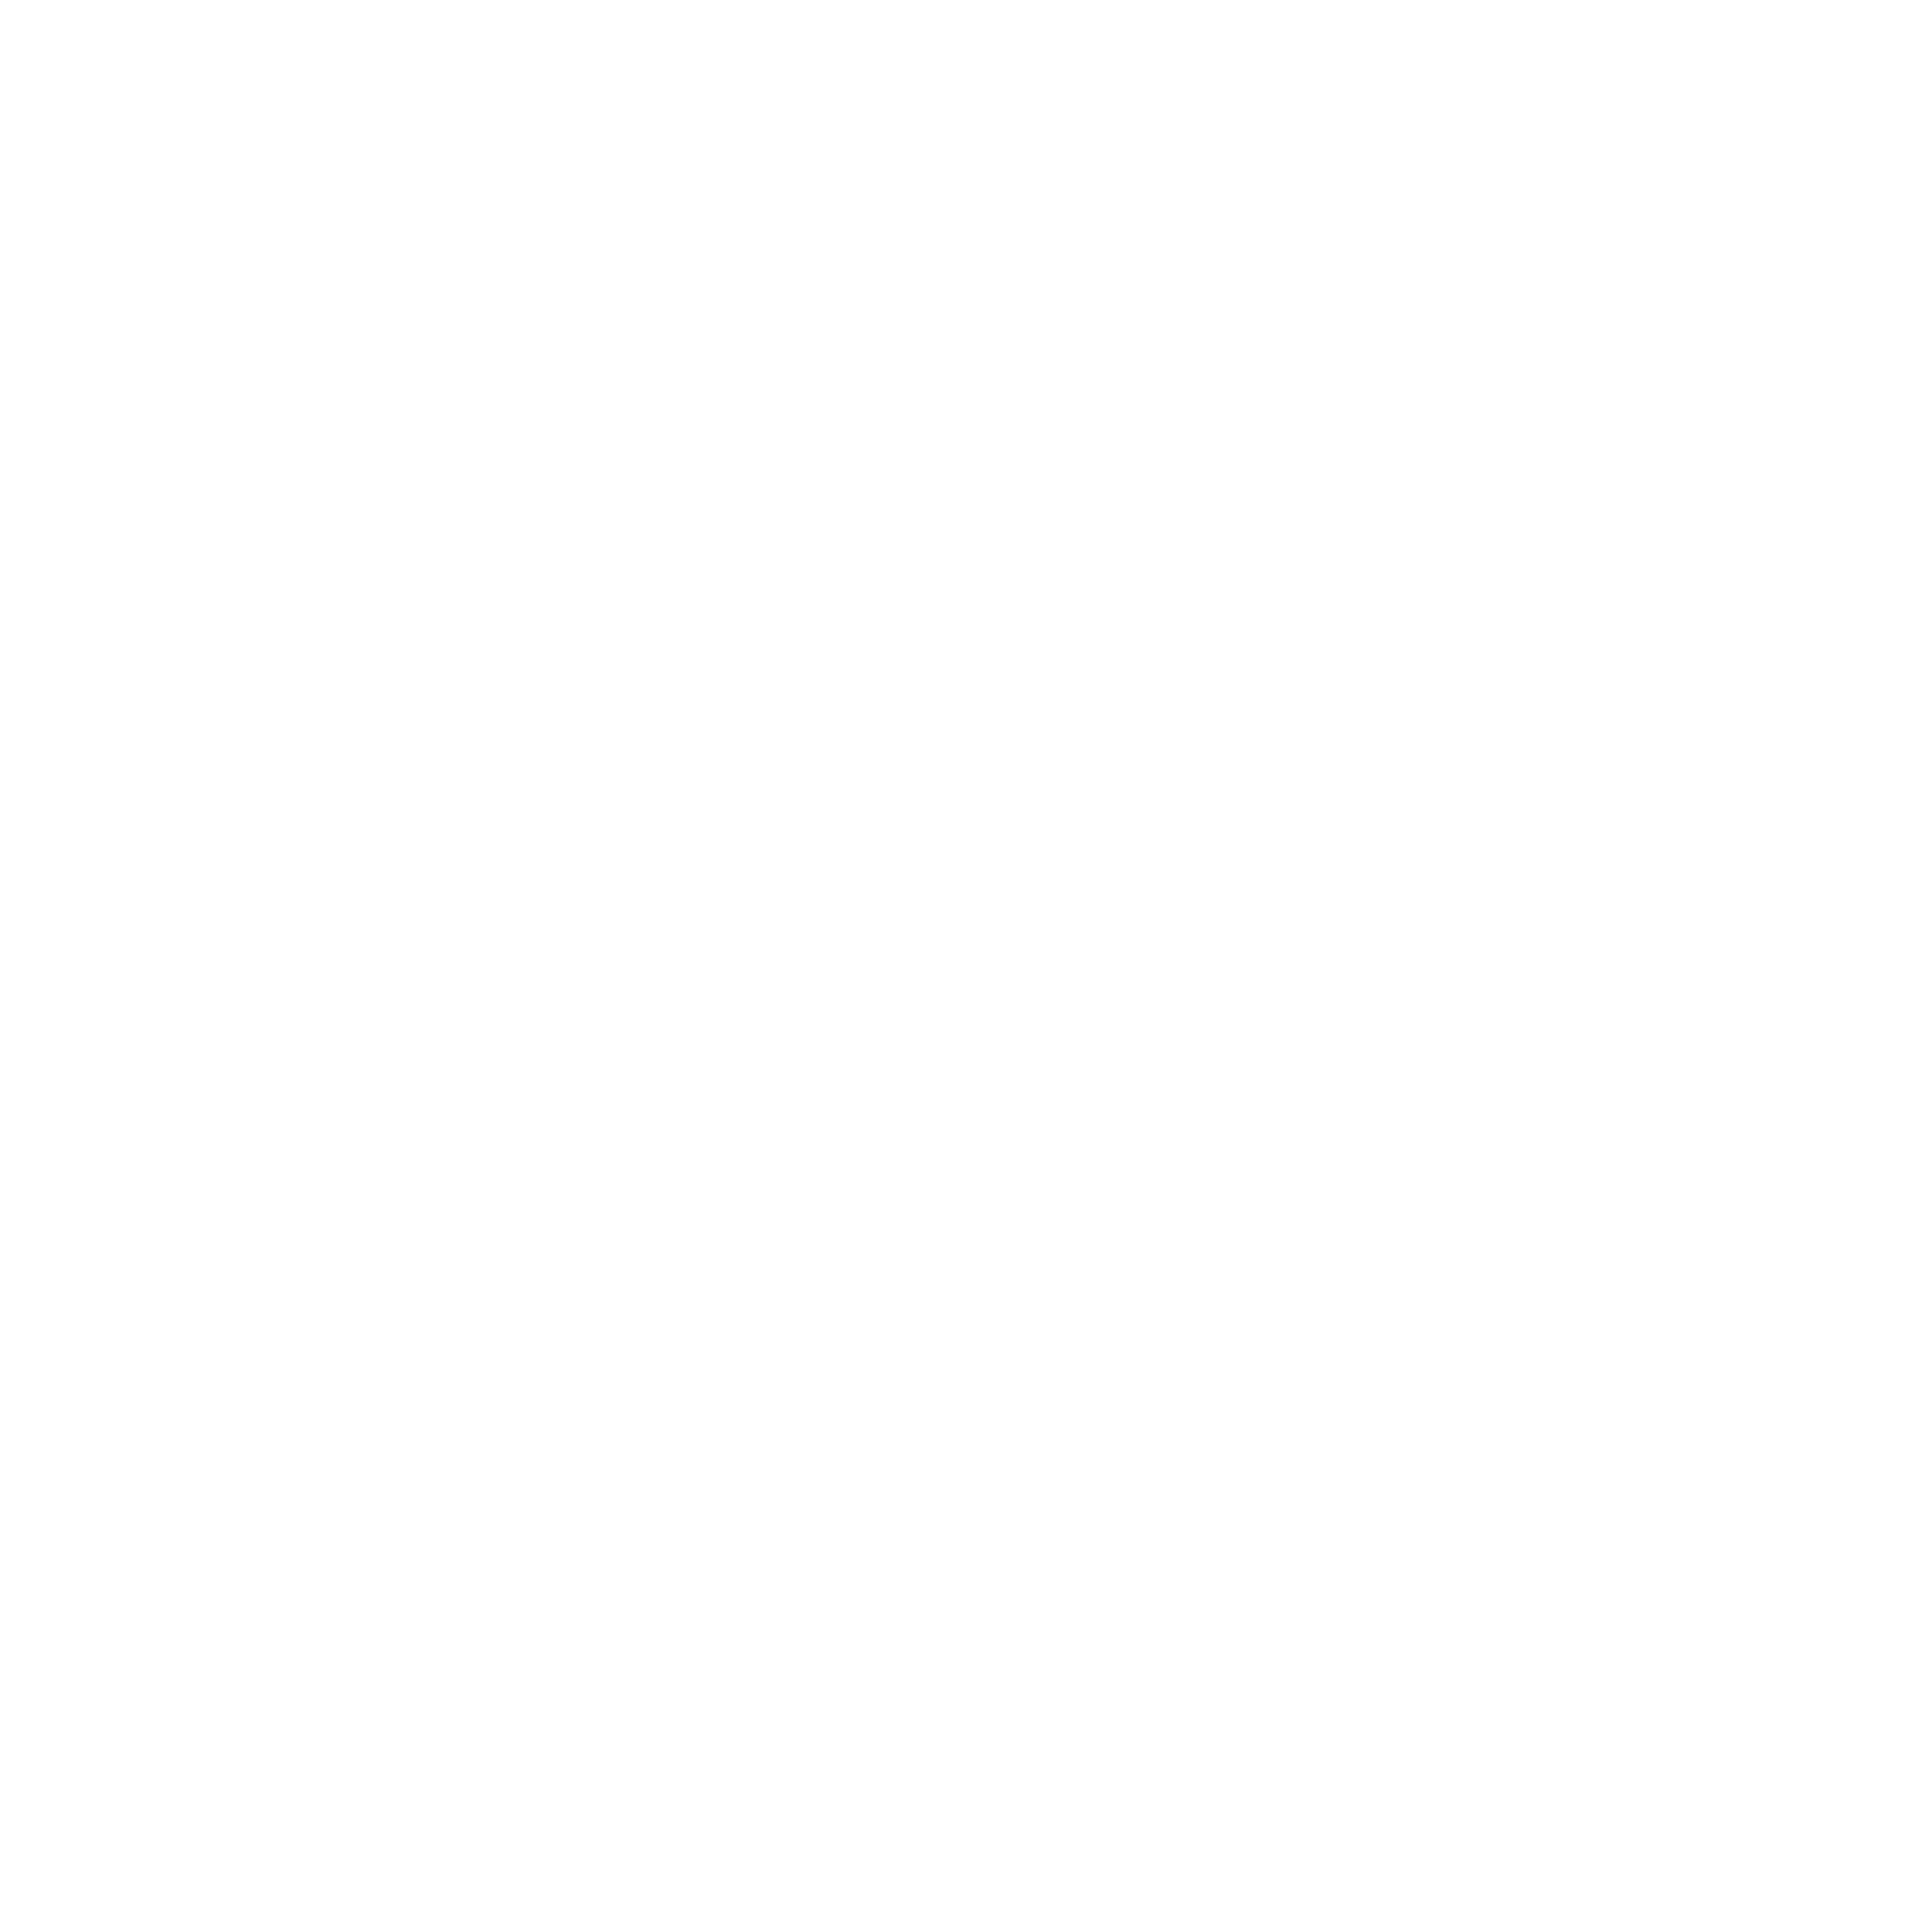 285000 fichiers traités